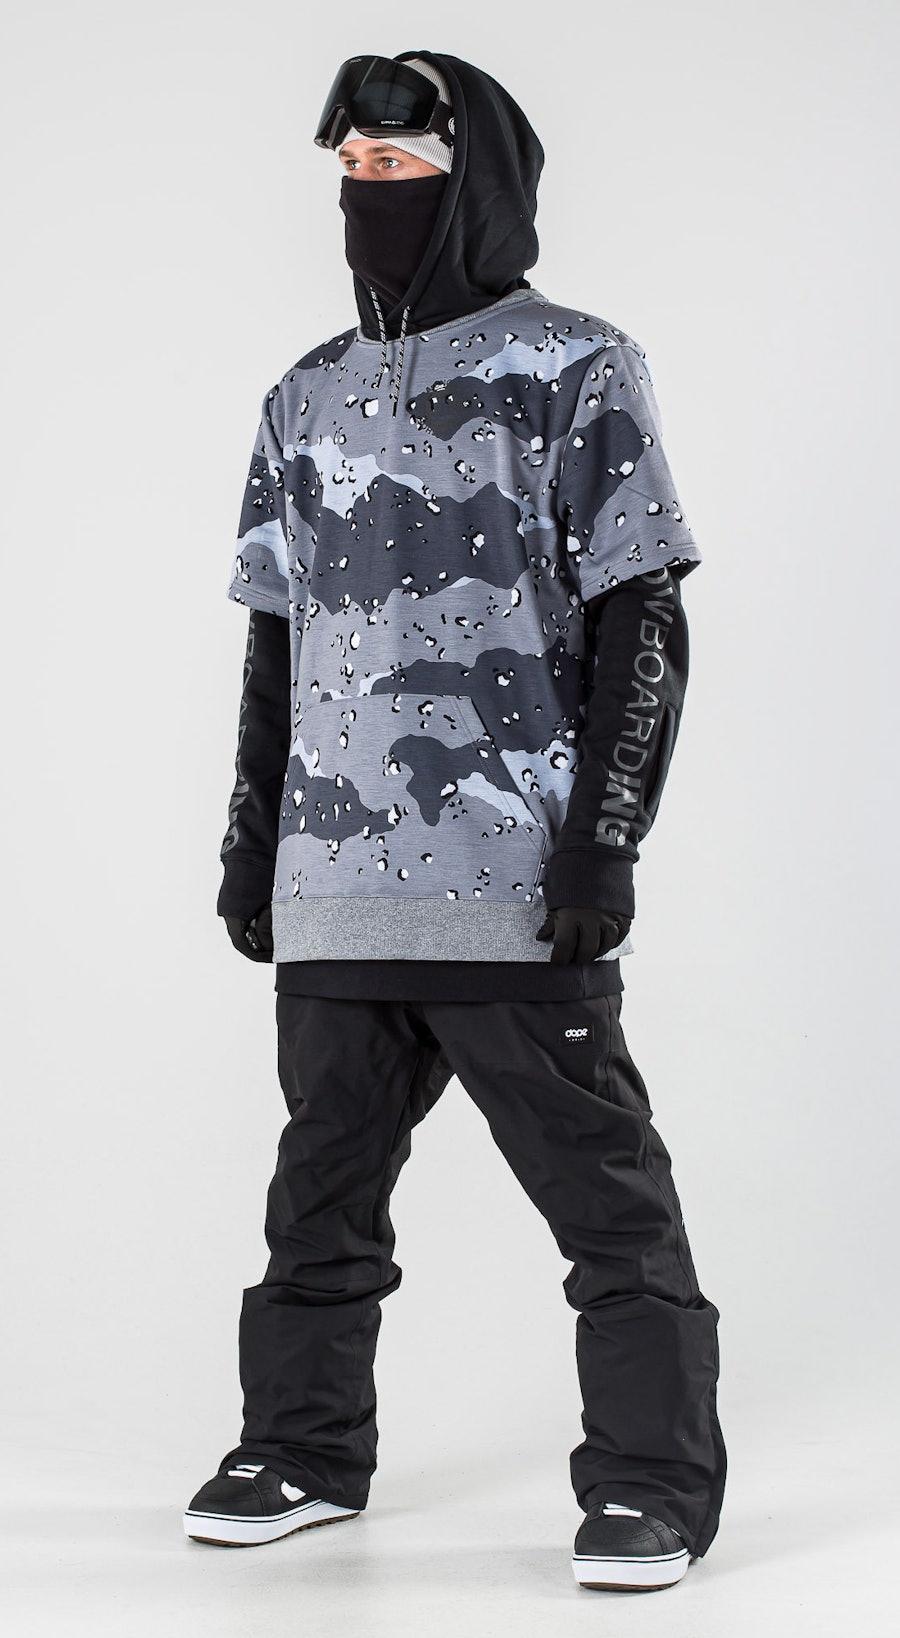 DC Dryden Black Vêtements de Snowboard  Multi